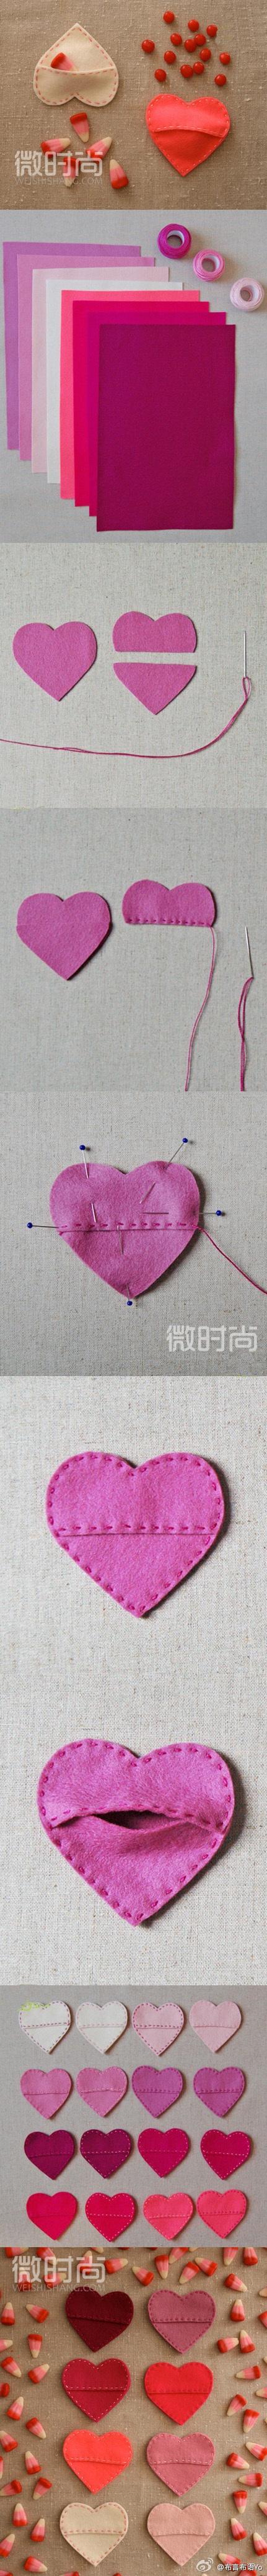 heart shape Felt package